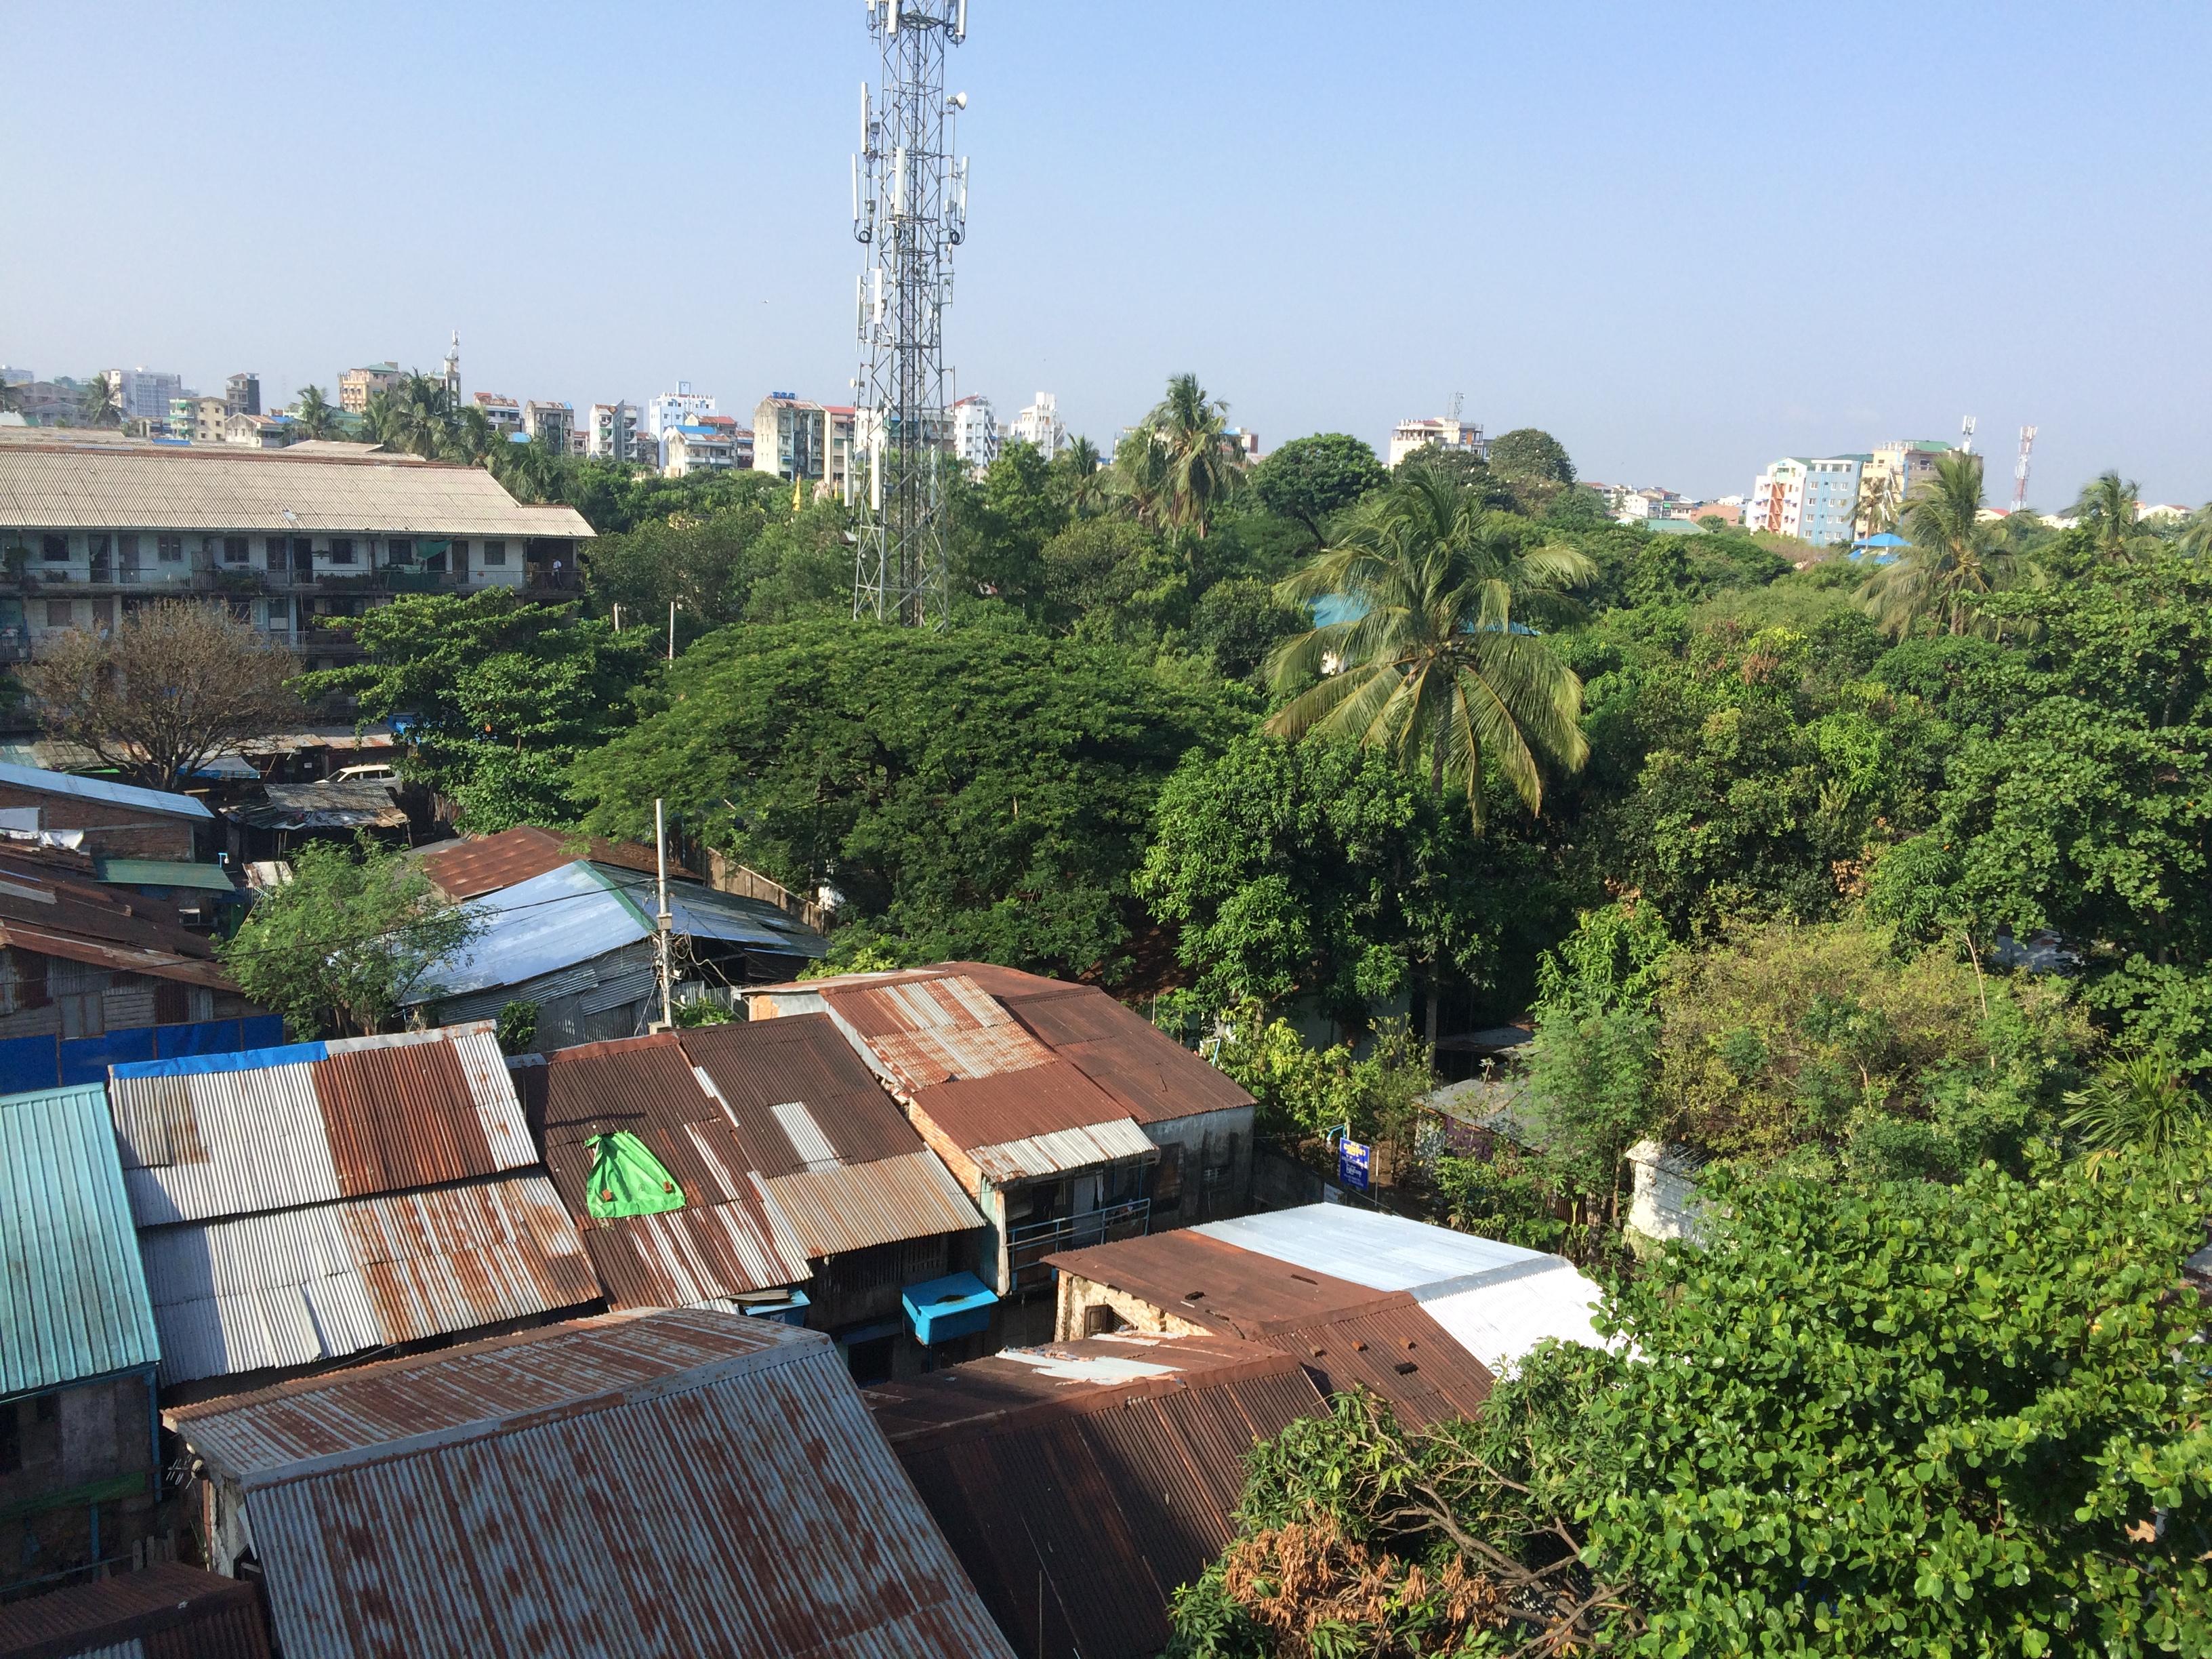 Ankunft in Myanmar: Blick ins Grüne aus dem Wohnzimmer